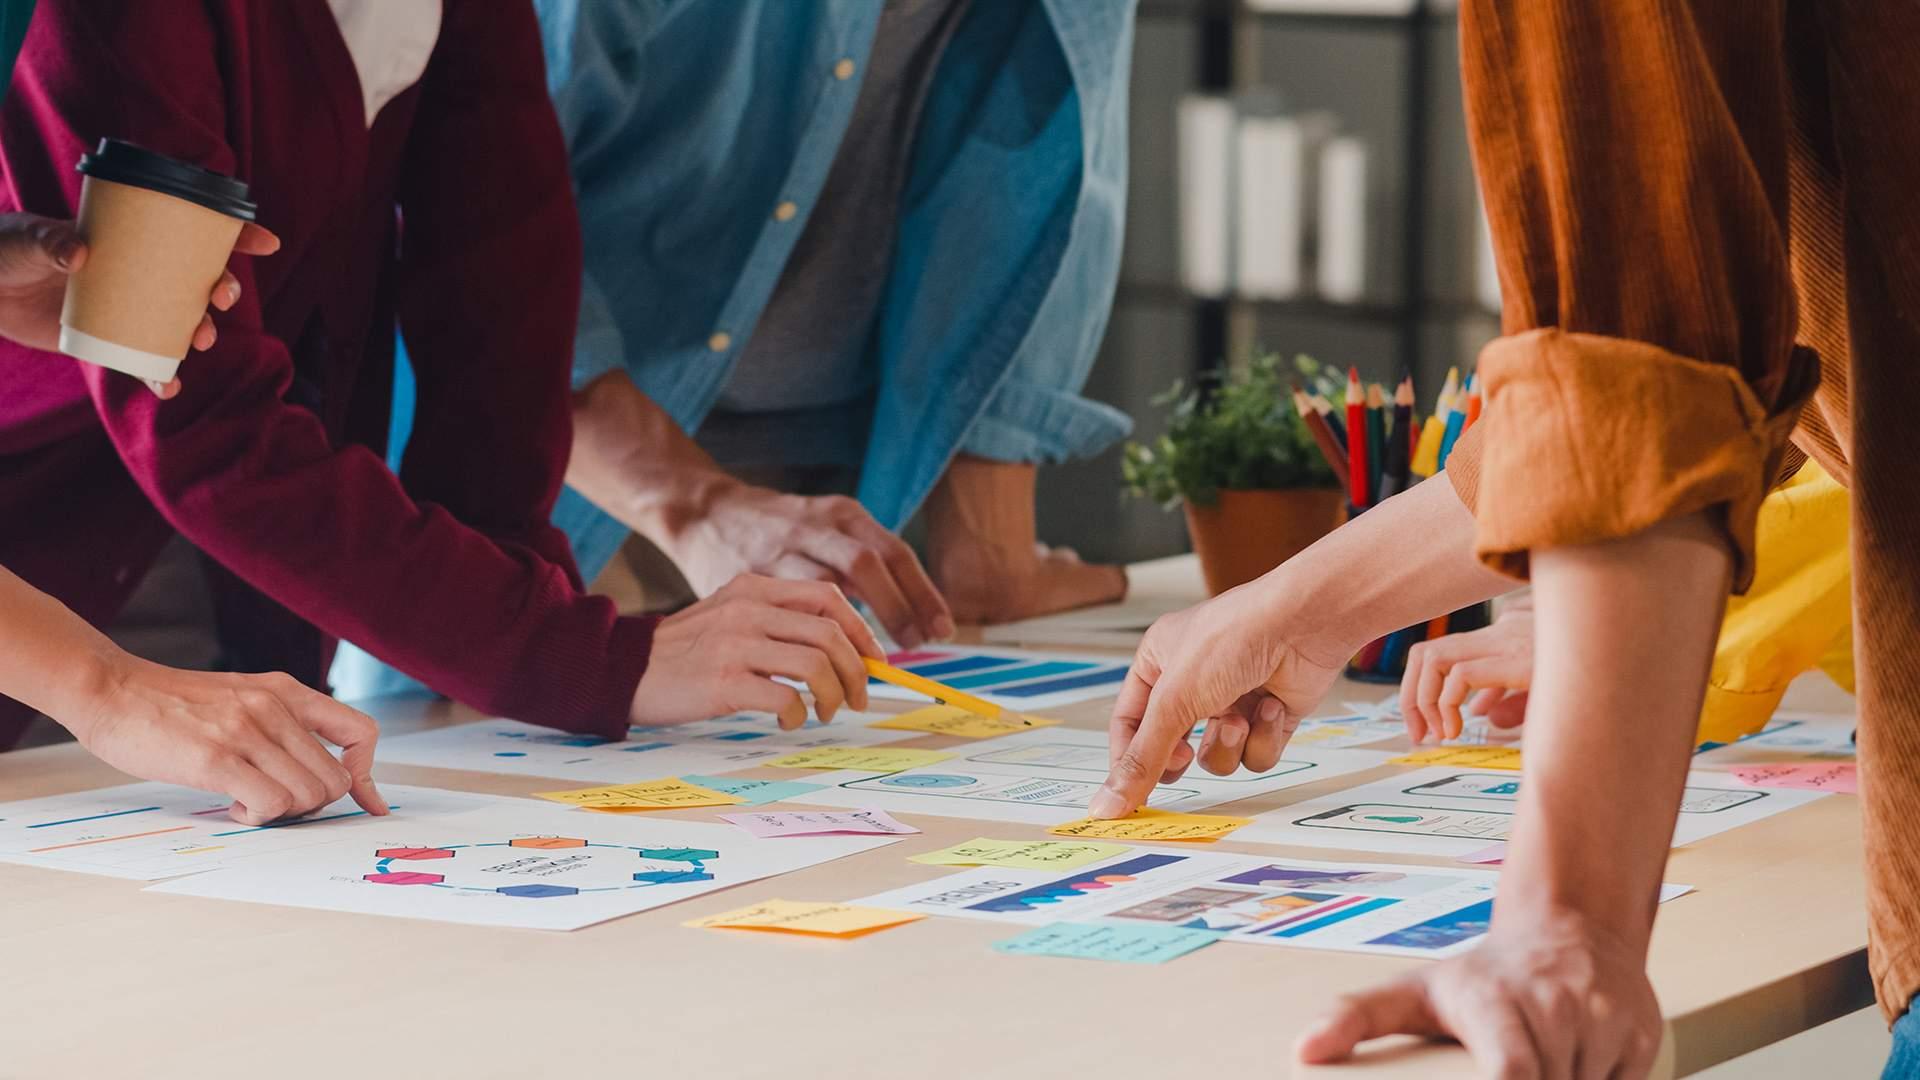 Cómo hacer el brainstorming perfecto con tu equipo